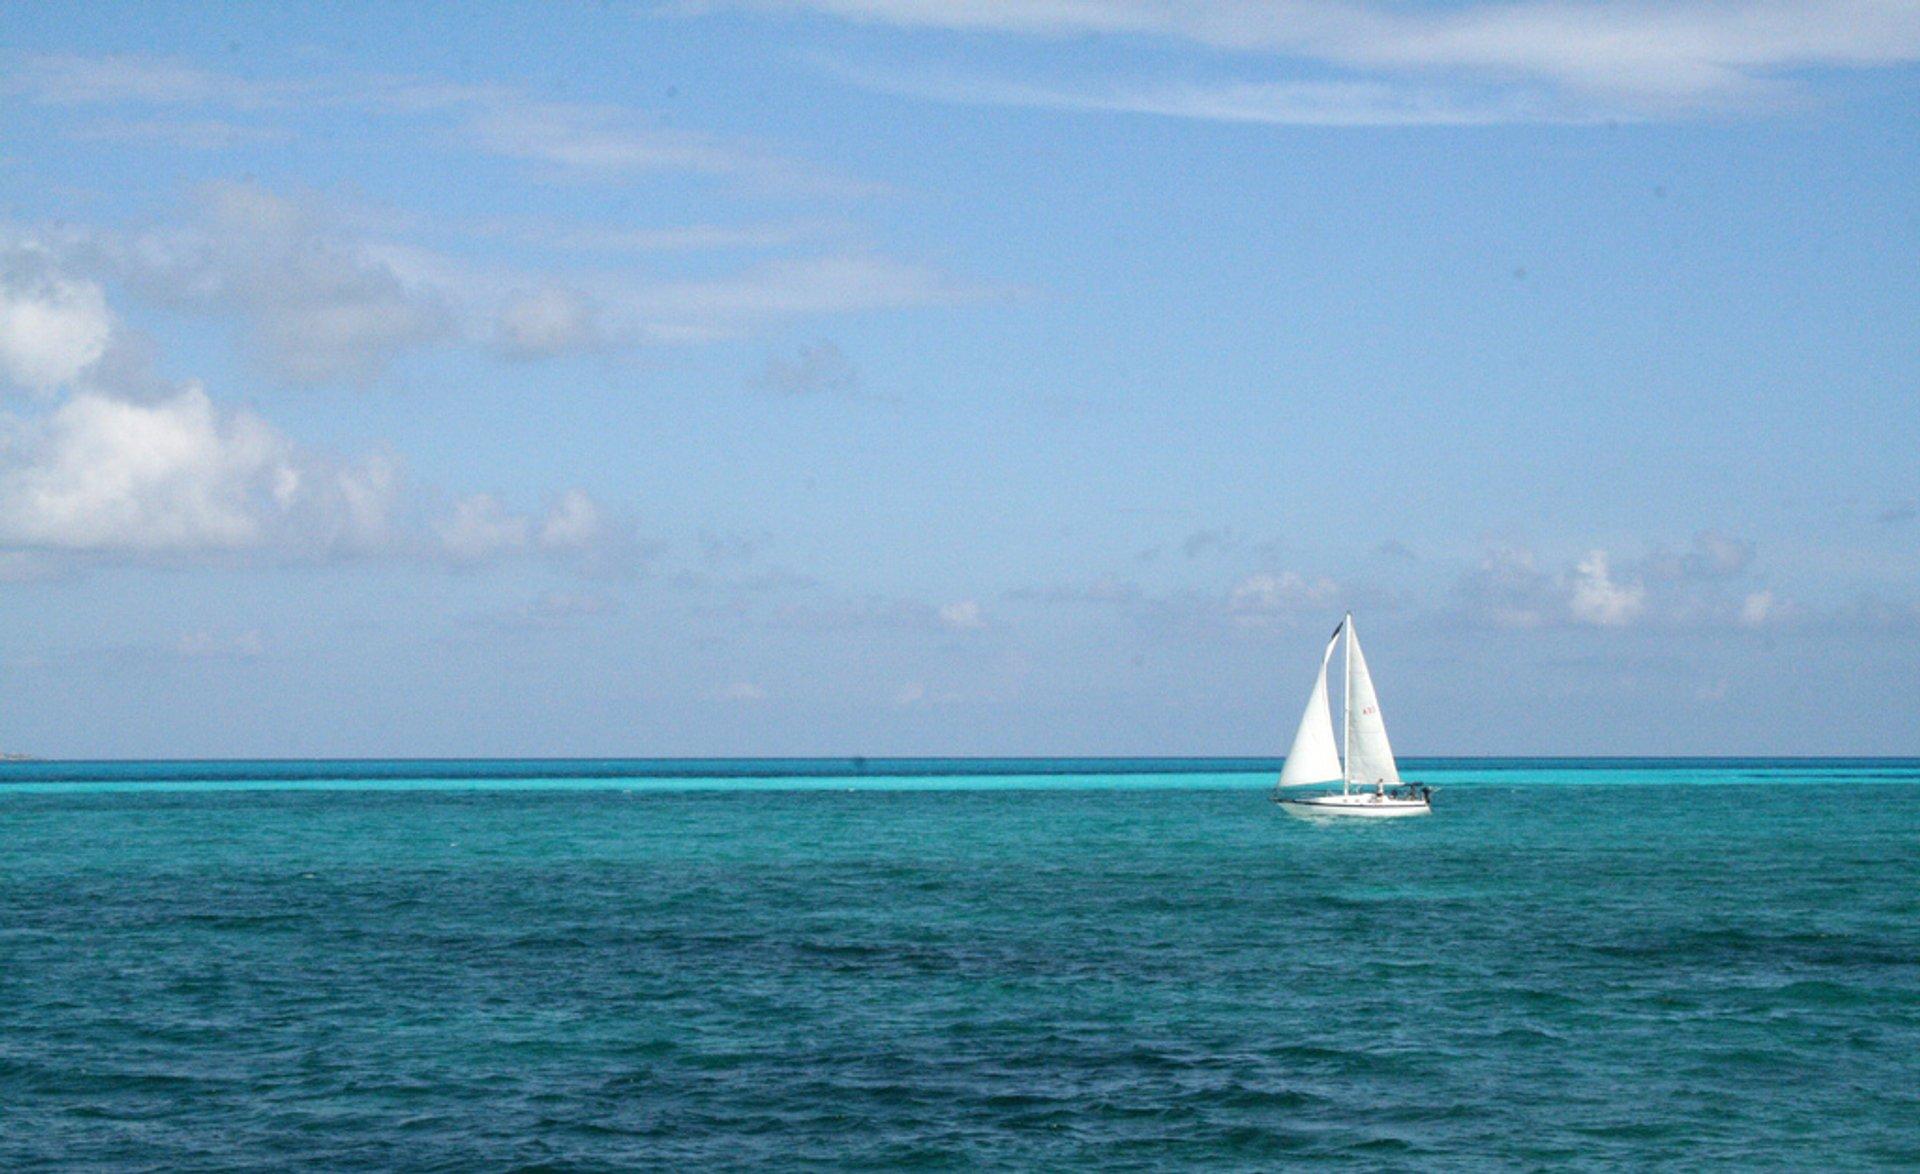 Sailing in Cancun 2020 - Best Time